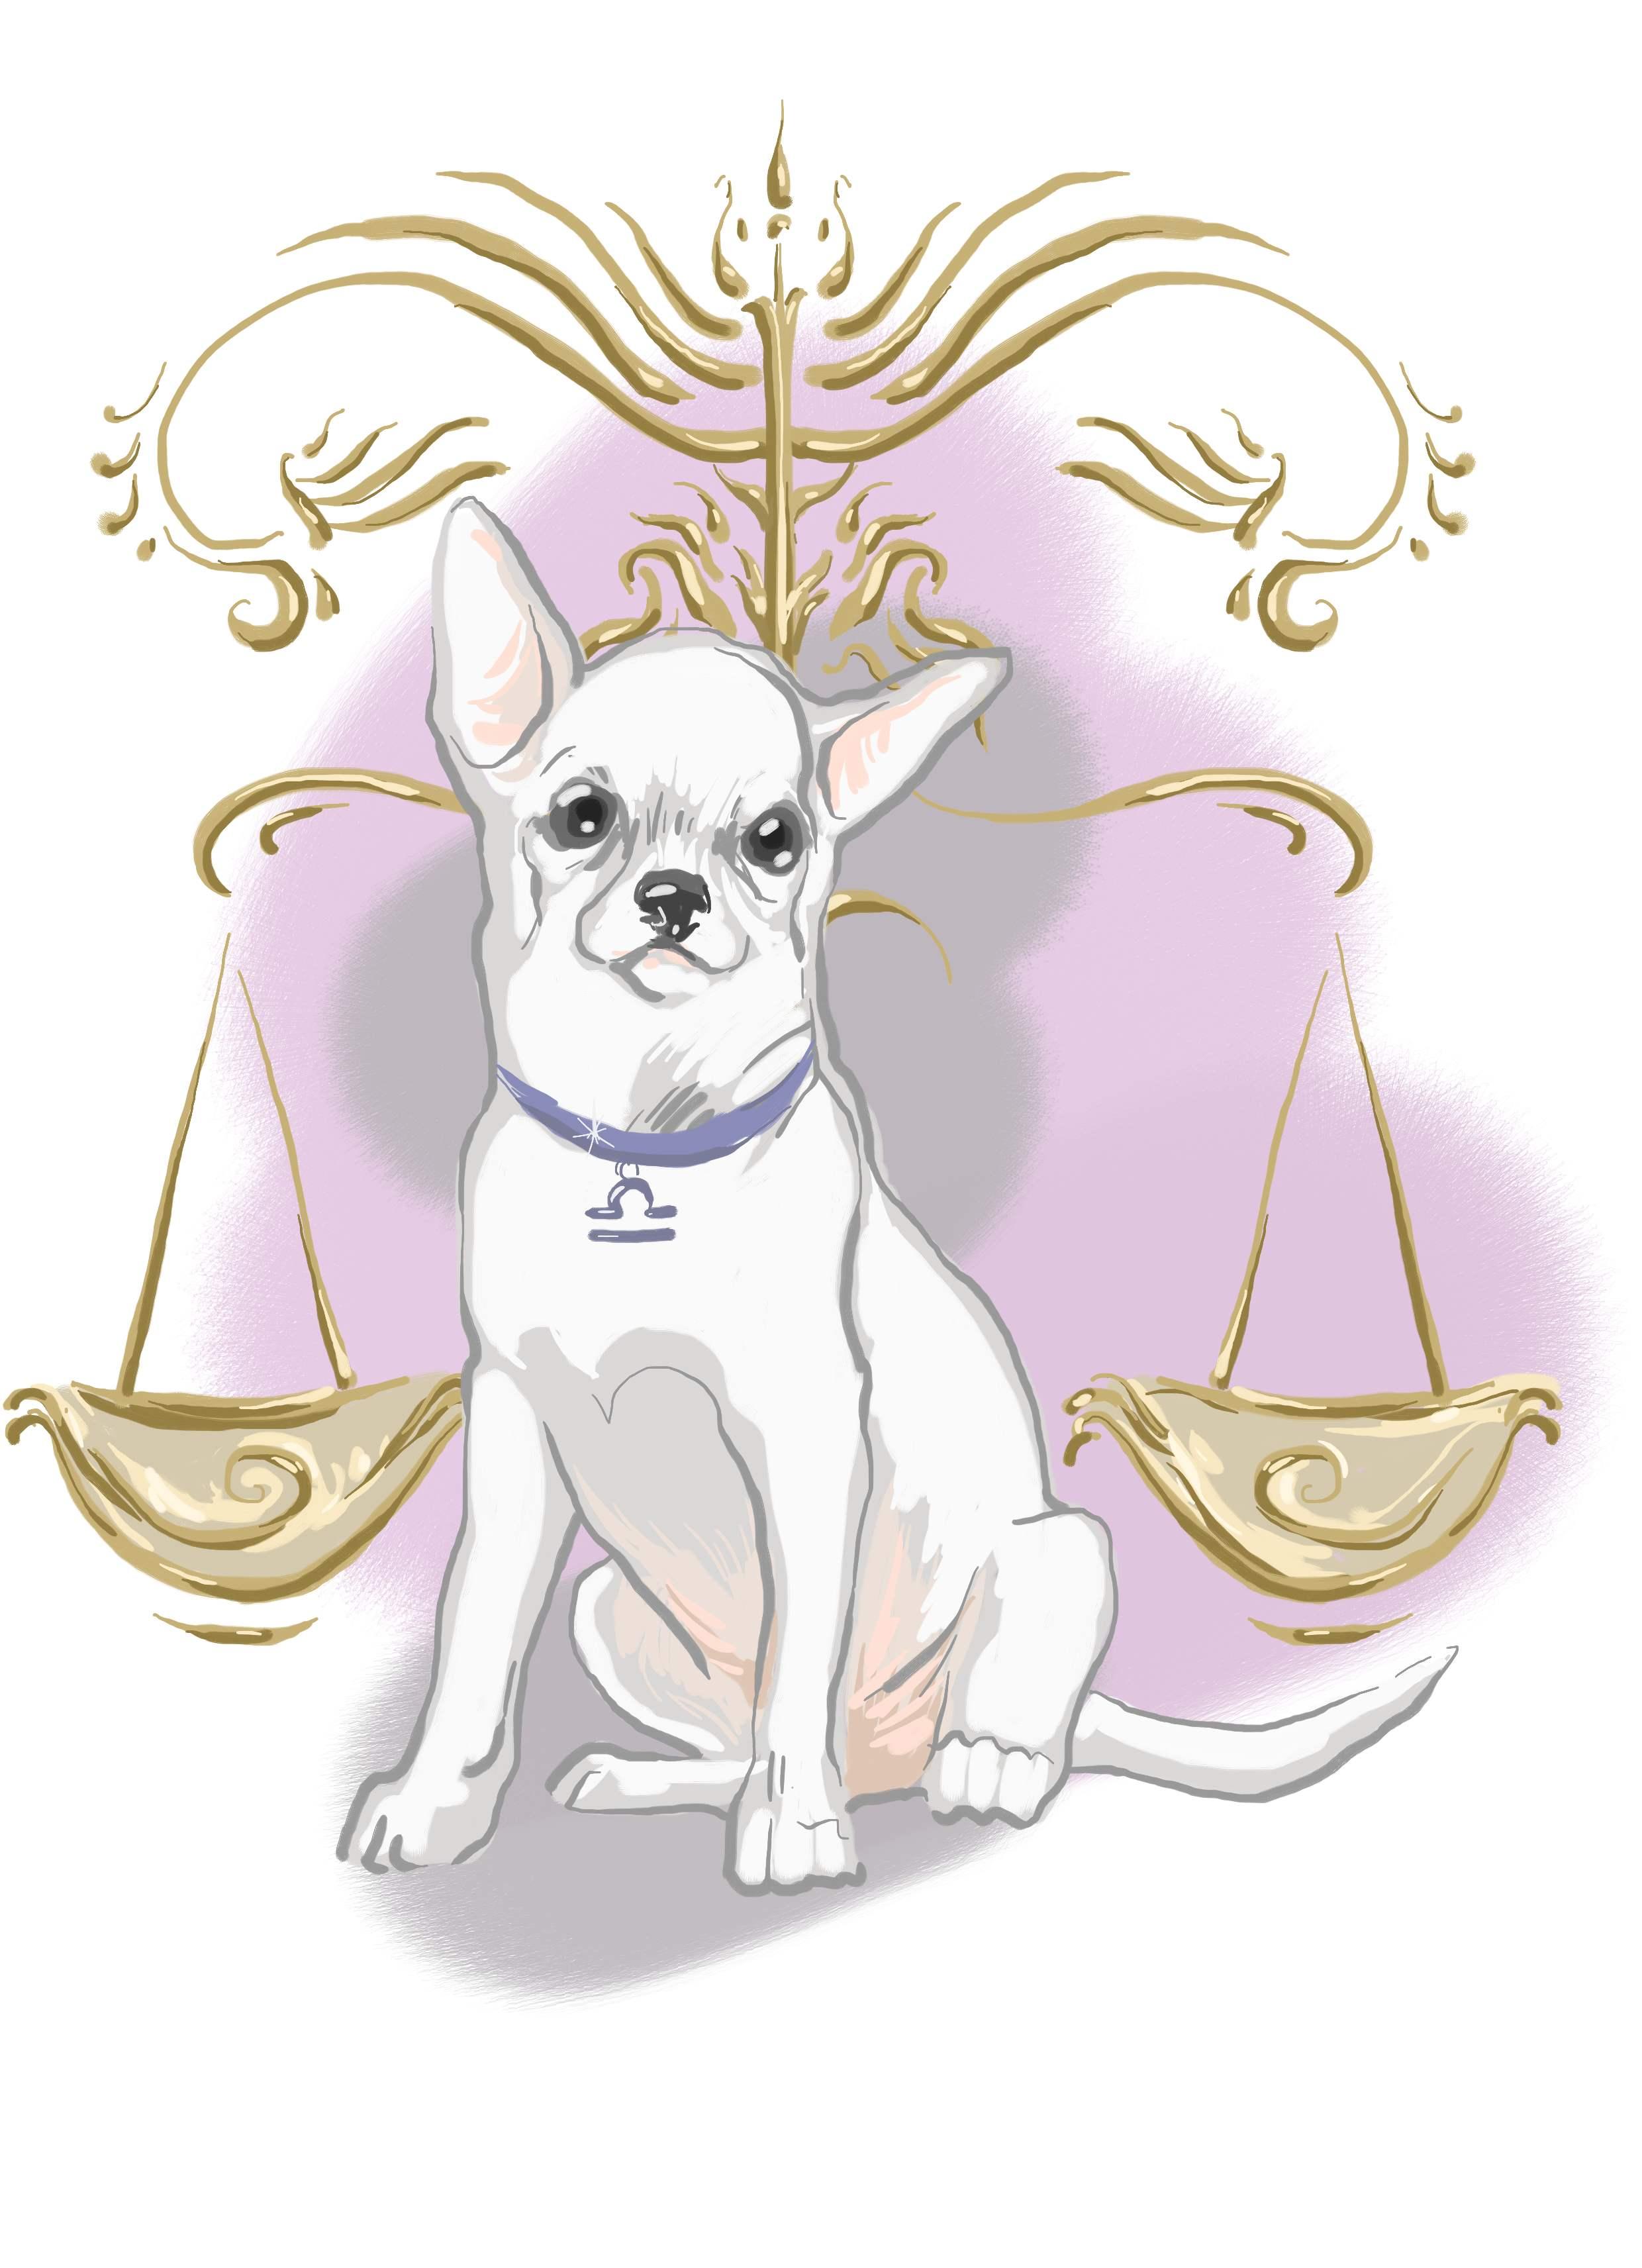 Собака-телец склонна к проявлению собственнических чувств по отношению к близким, поэтому ревностно относится к посещению дома чужими людьми.